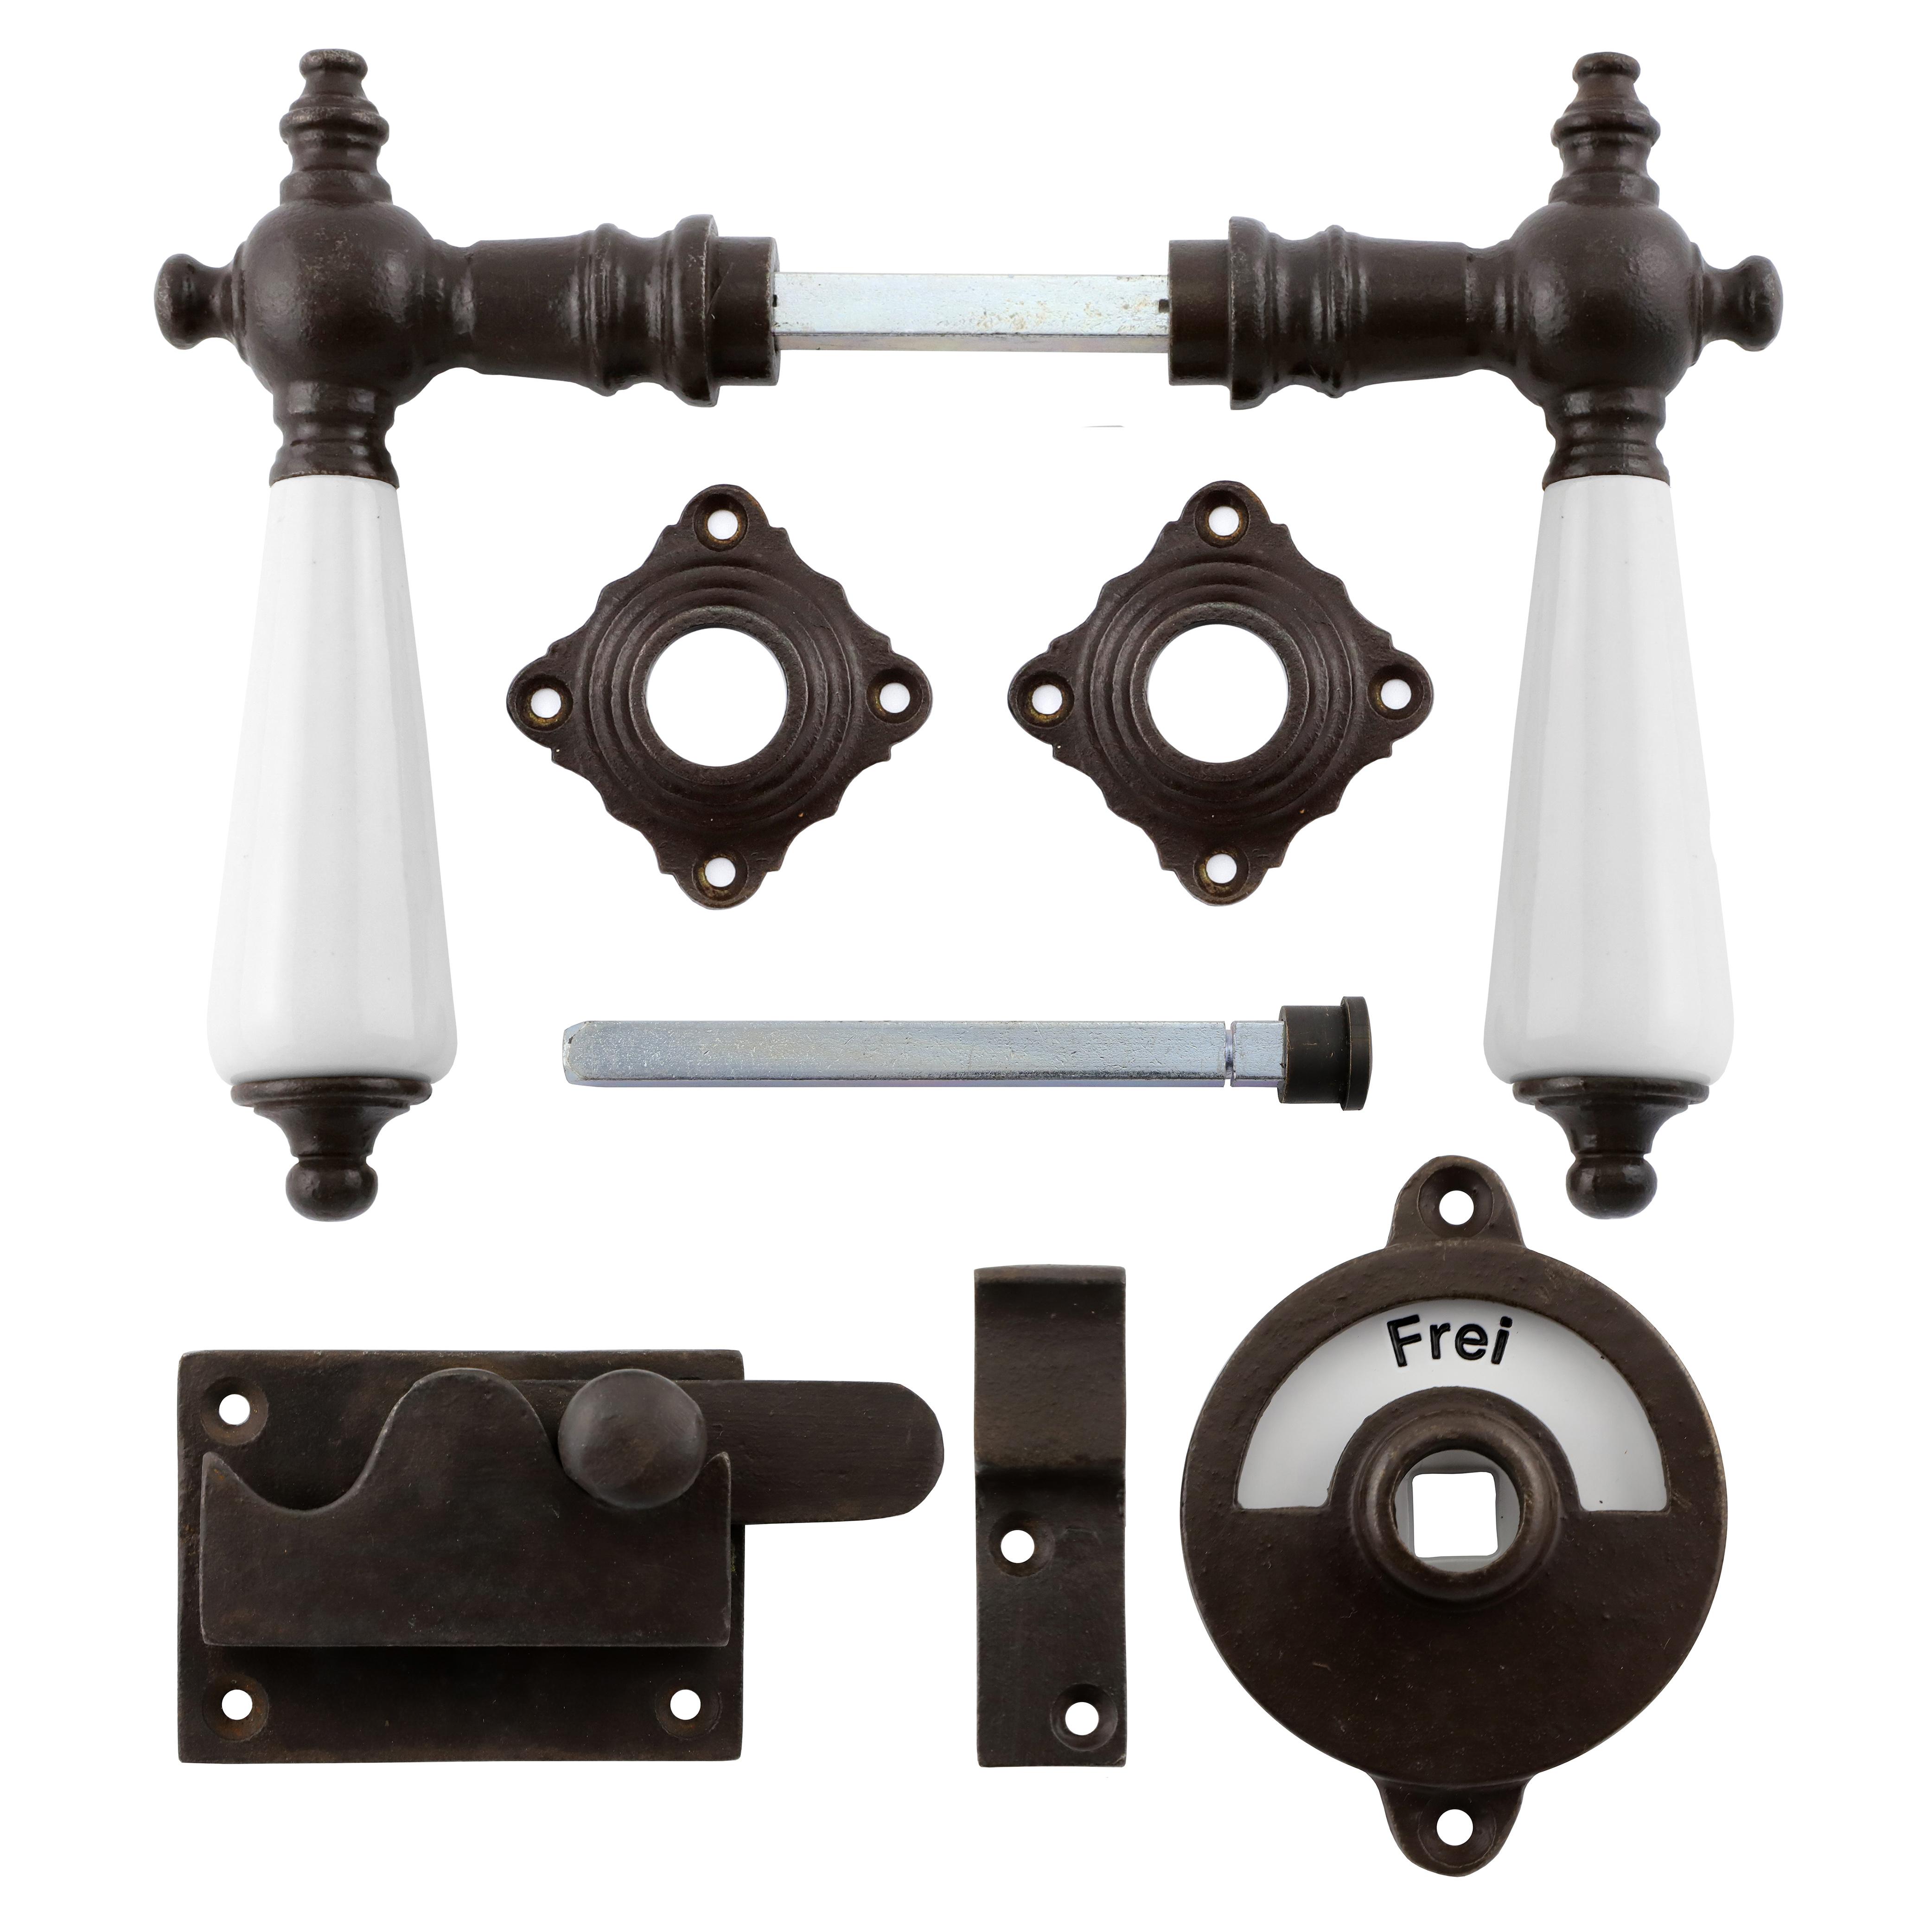 341.0032.60 WC-Türbeschlag / Riegel gerade / Verschluss mit Anzeige Eisen antik